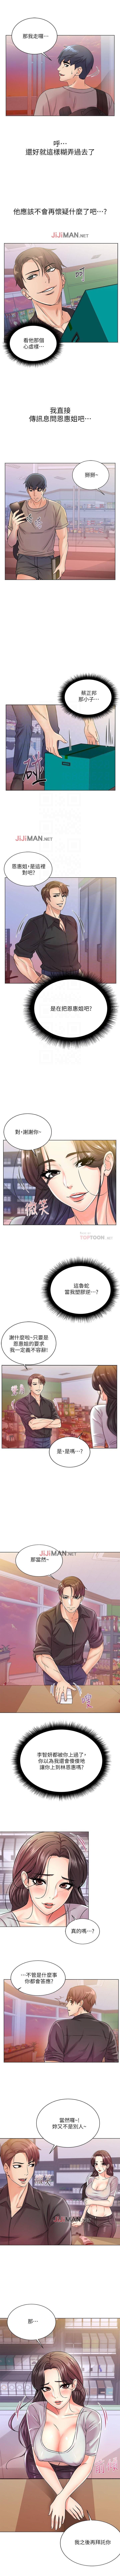 【周三连载】超市的漂亮姐姐(作者:北鼻&逃兵) 第1~20话 116